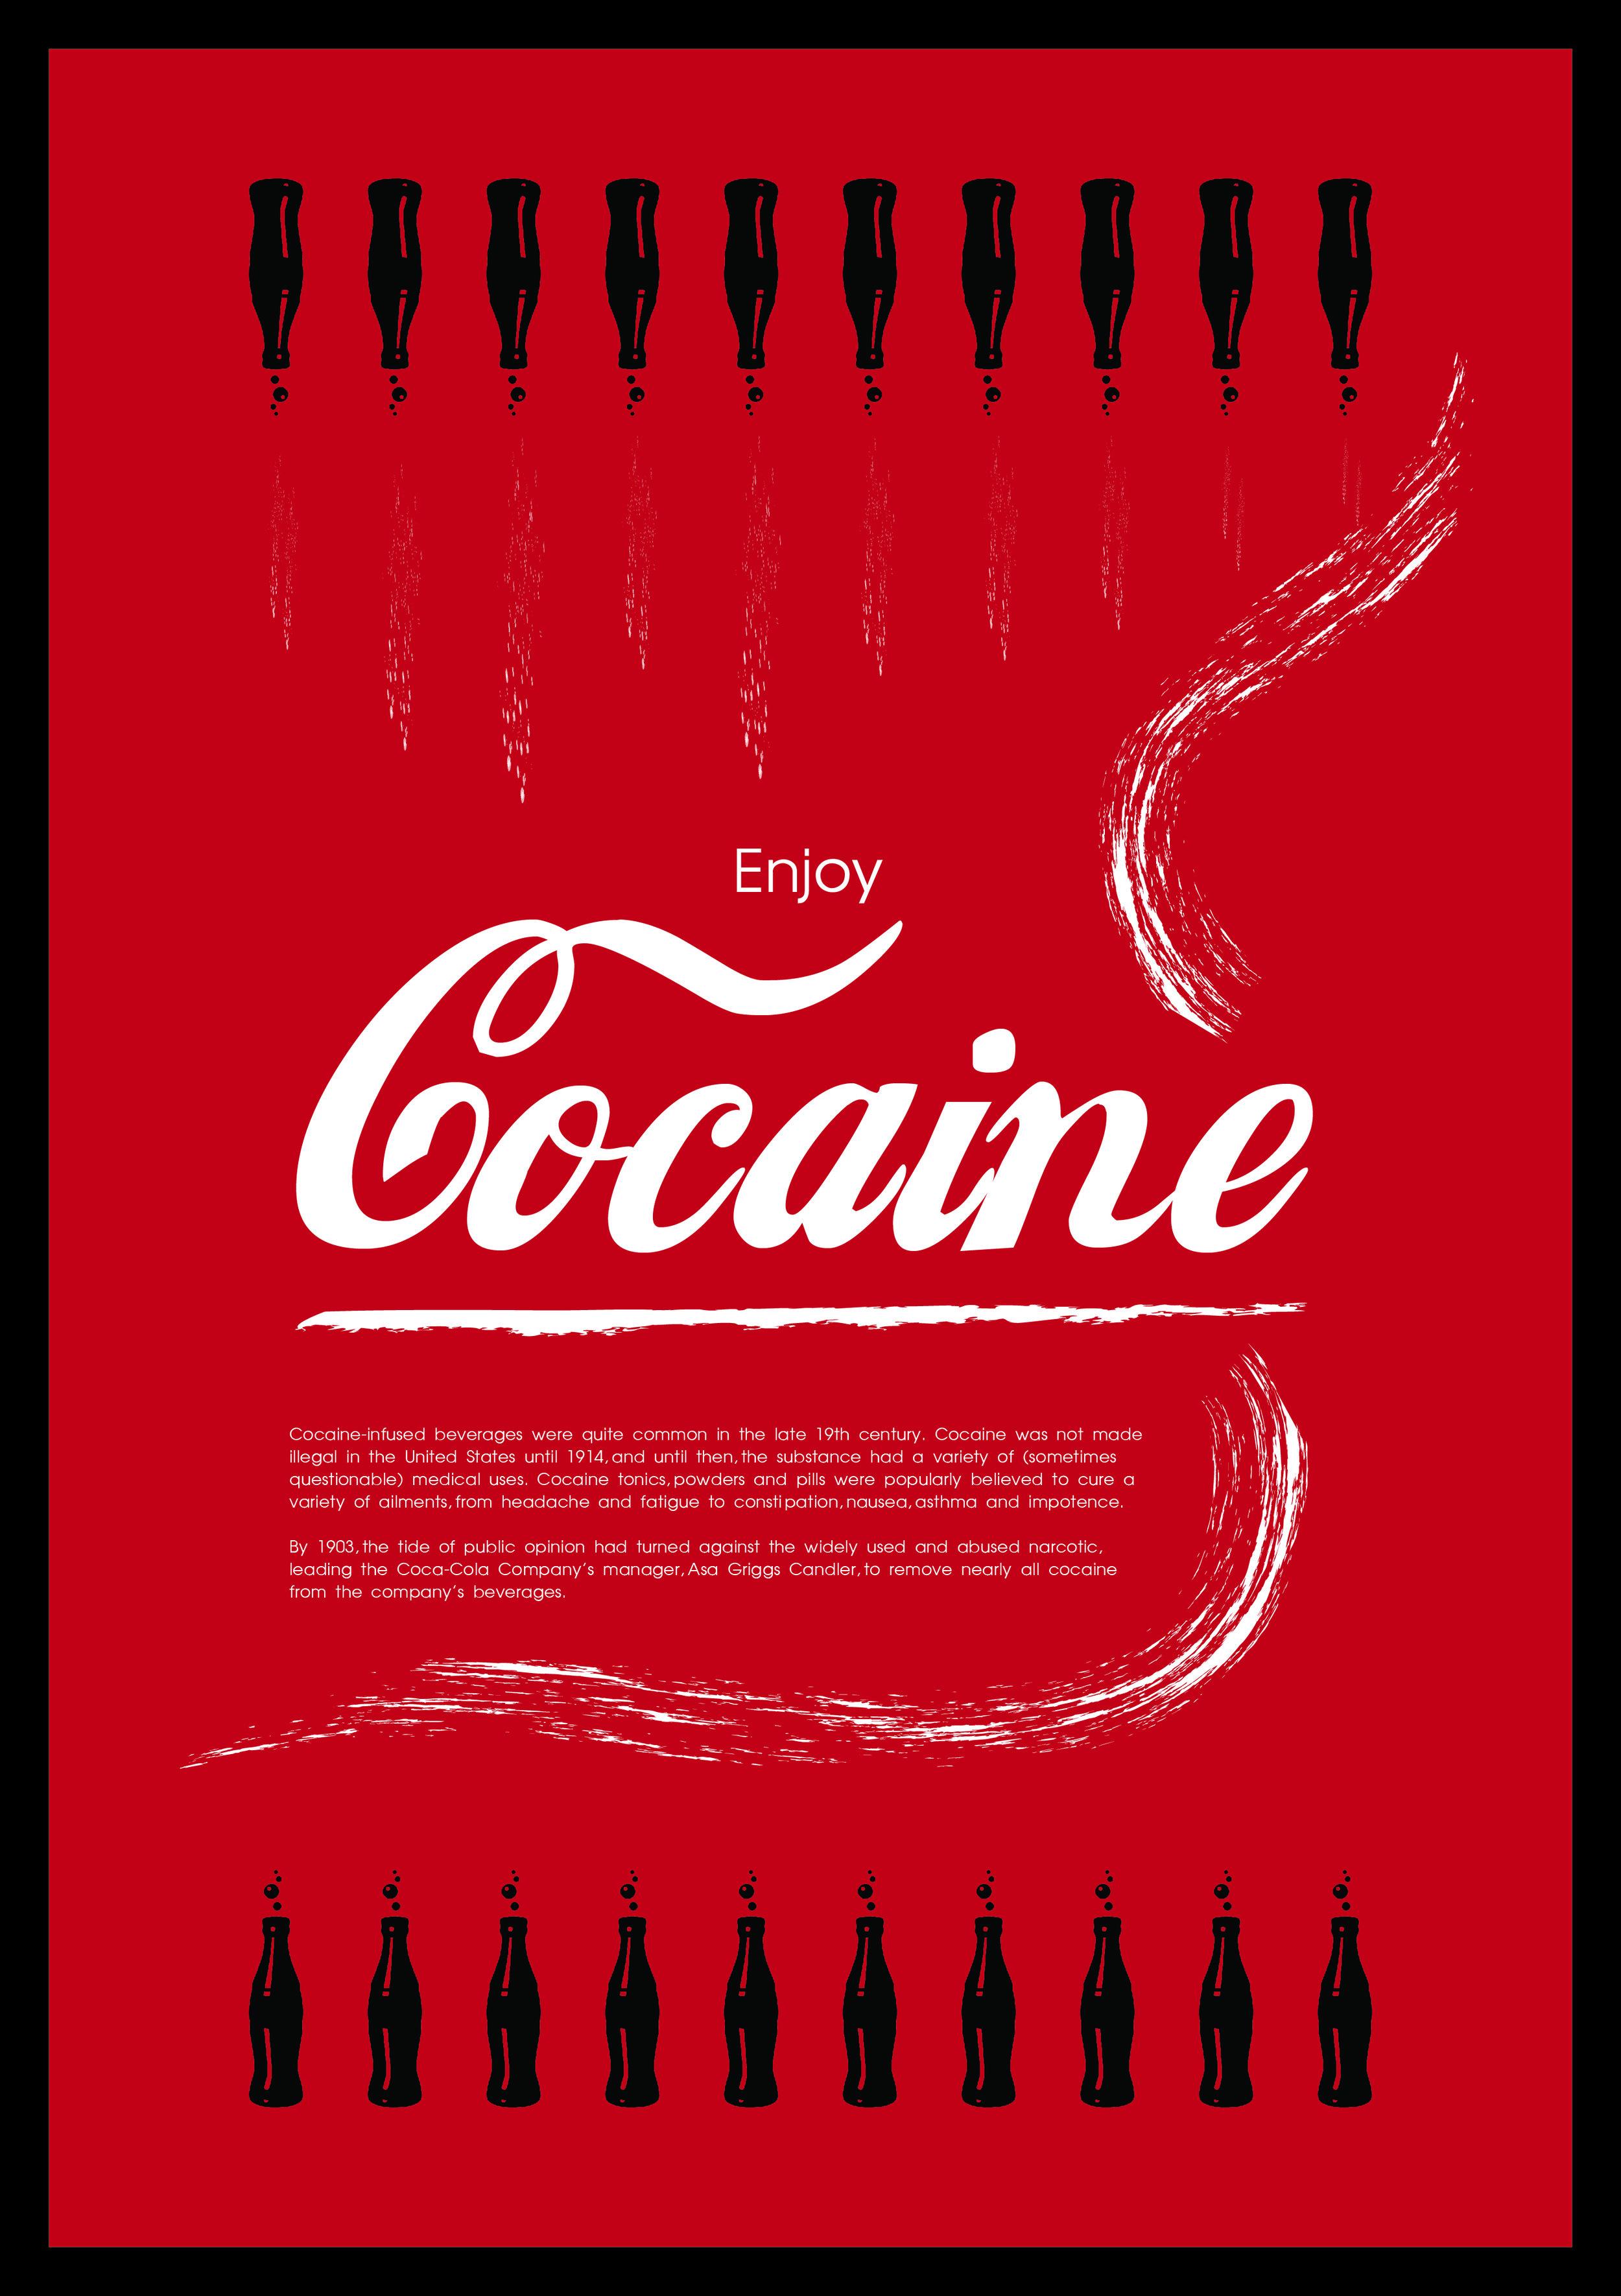 cocacolaaaaa finalll-01.jpg